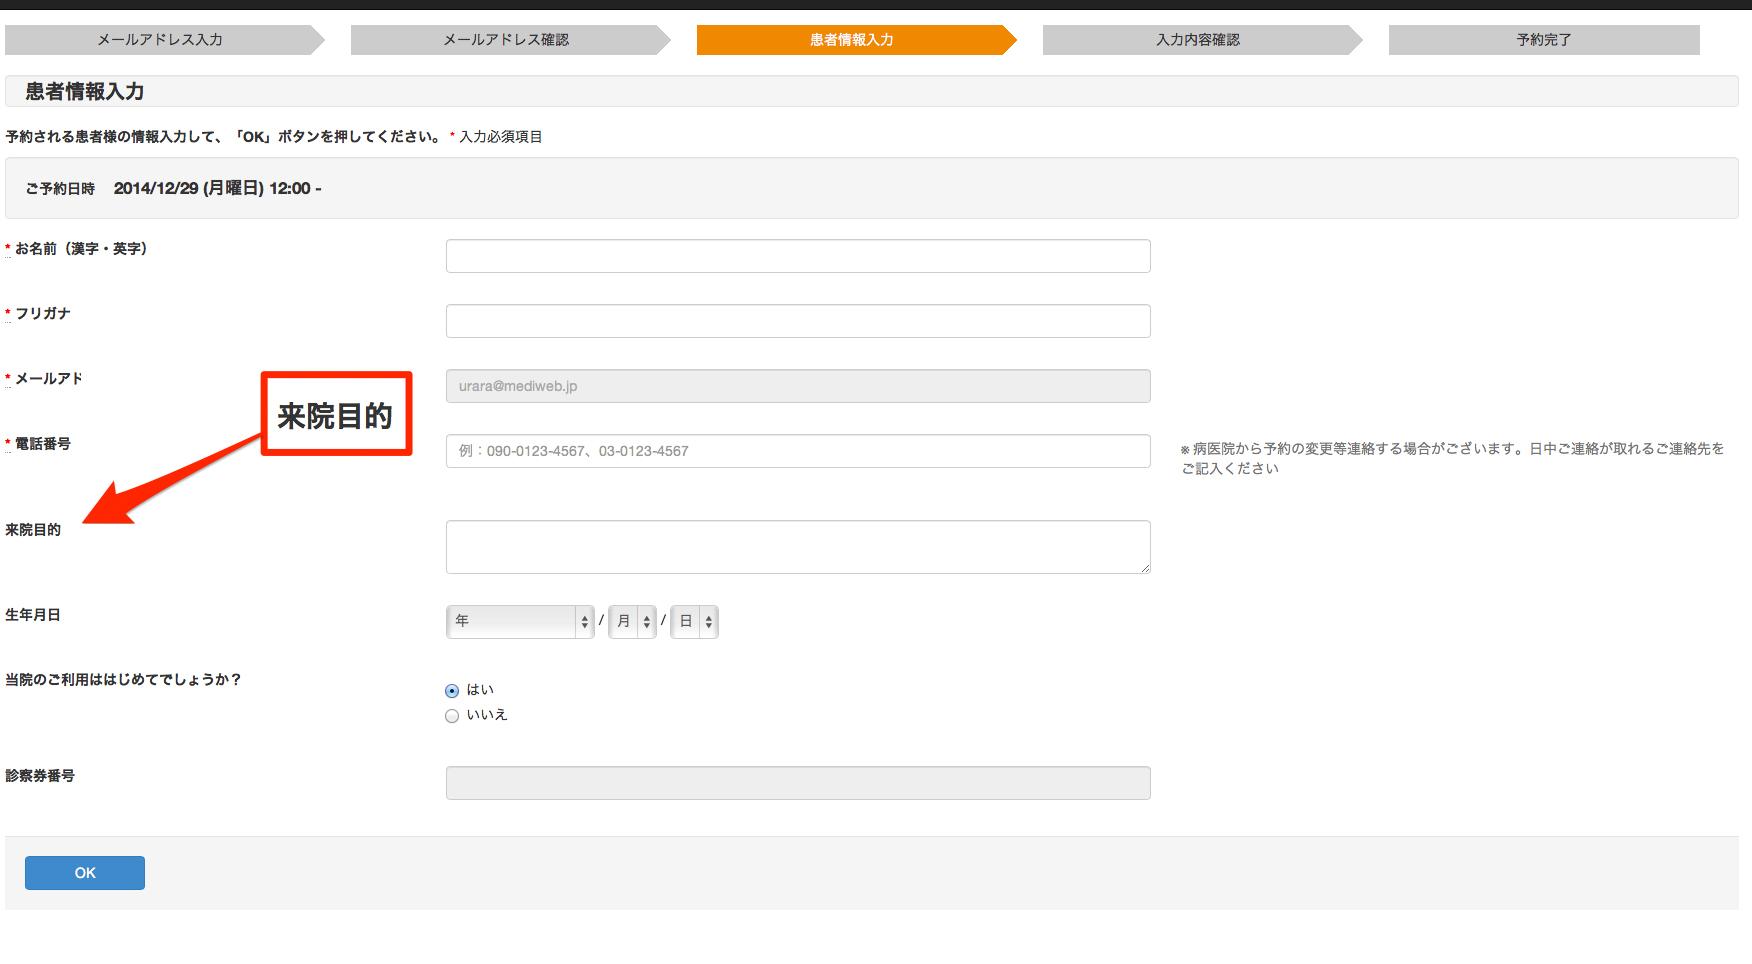 患者オンライン予約患者情報入力画面